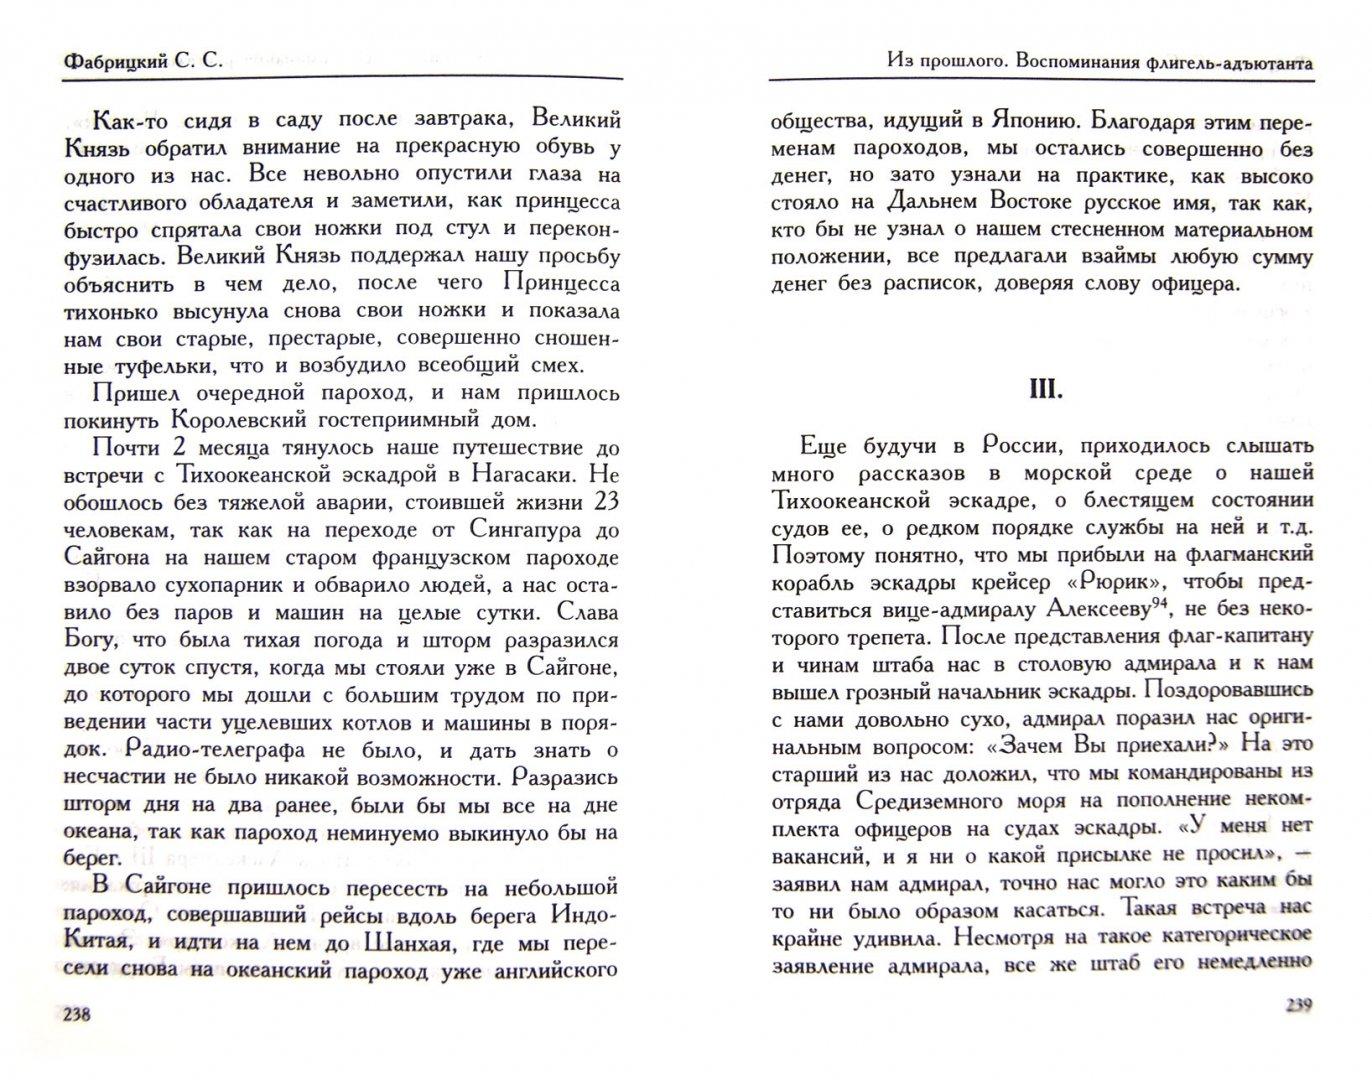 Иллюстрация 1 из 6 для Император Николай II. Тайны Российского императорского двора - В. Хрусталев | Лабиринт - книги. Источник: Лабиринт